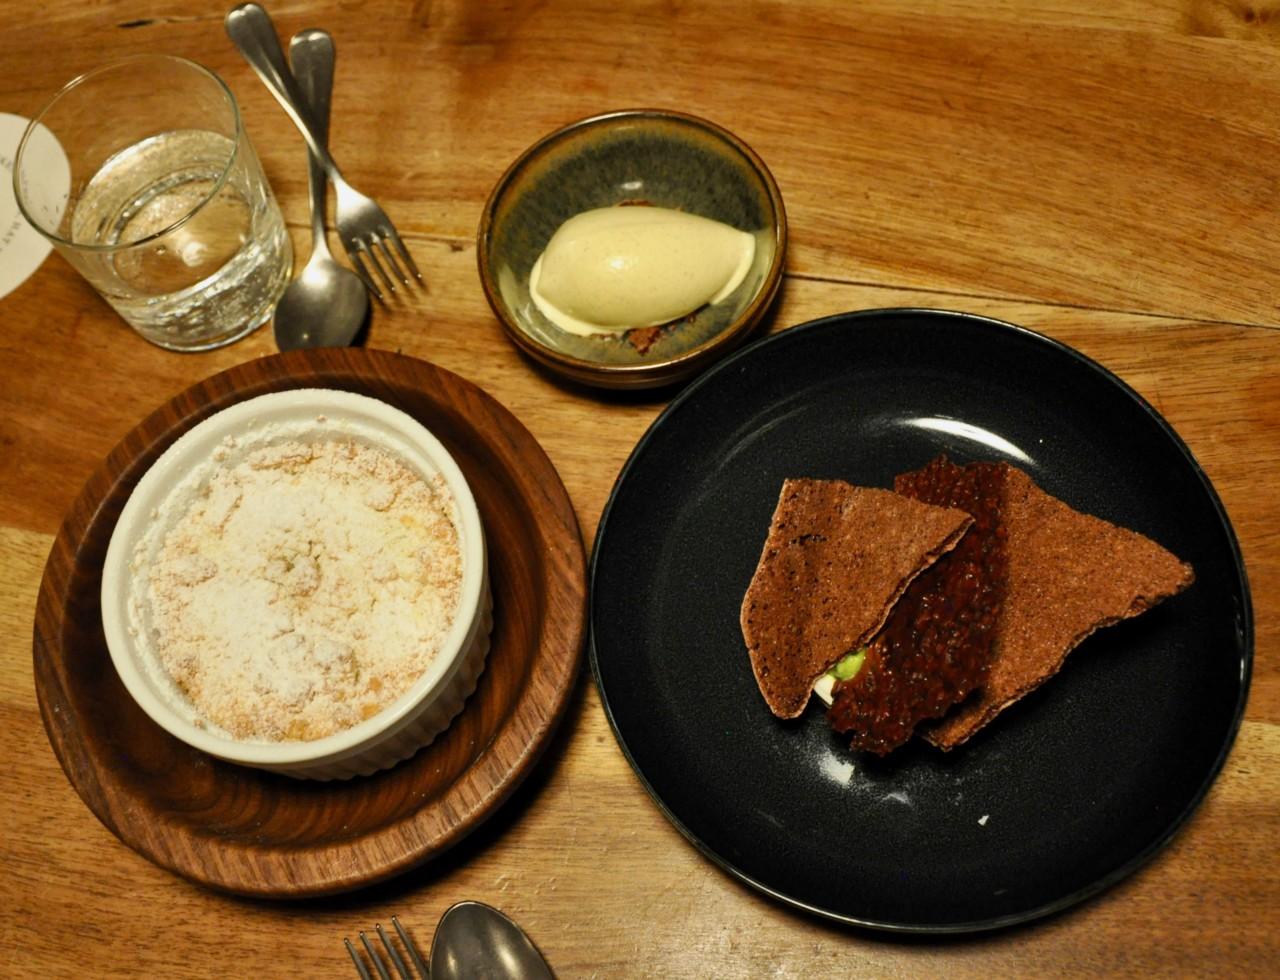 Süsse Highlights zum Schluss: Die Desserts in der Bauernschänke.